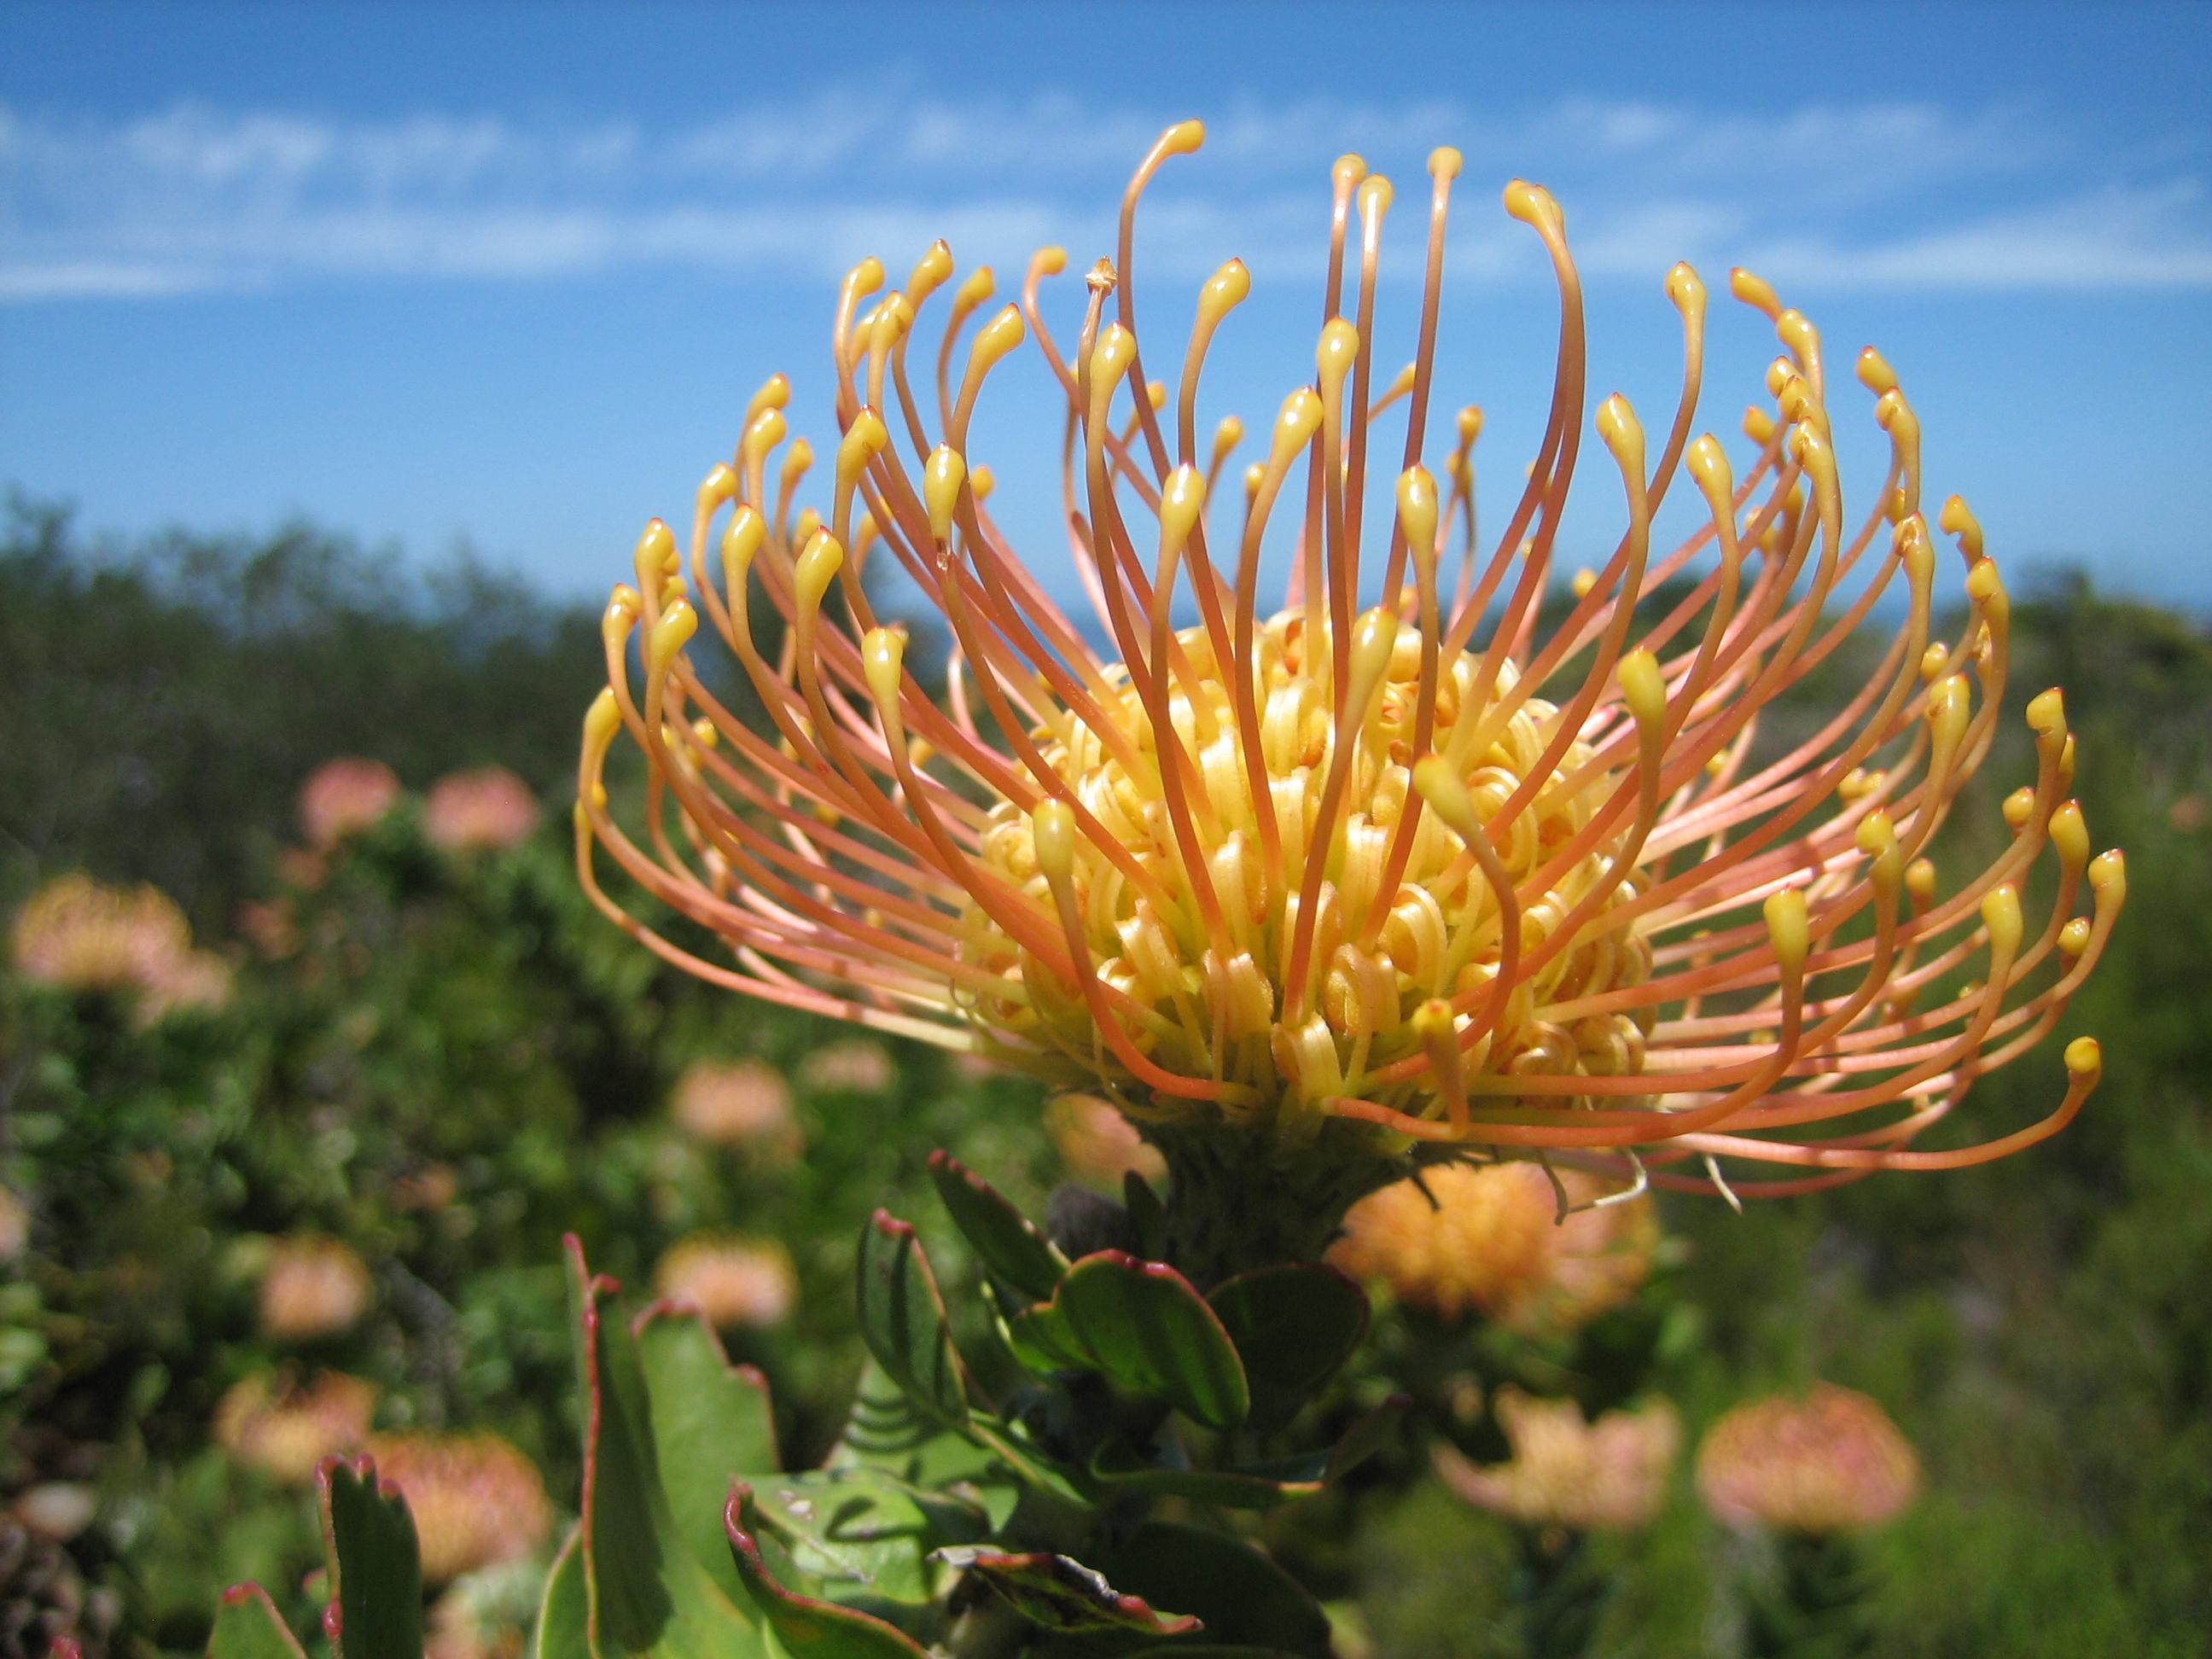 Pincushion Protea File:Pincushion protea...